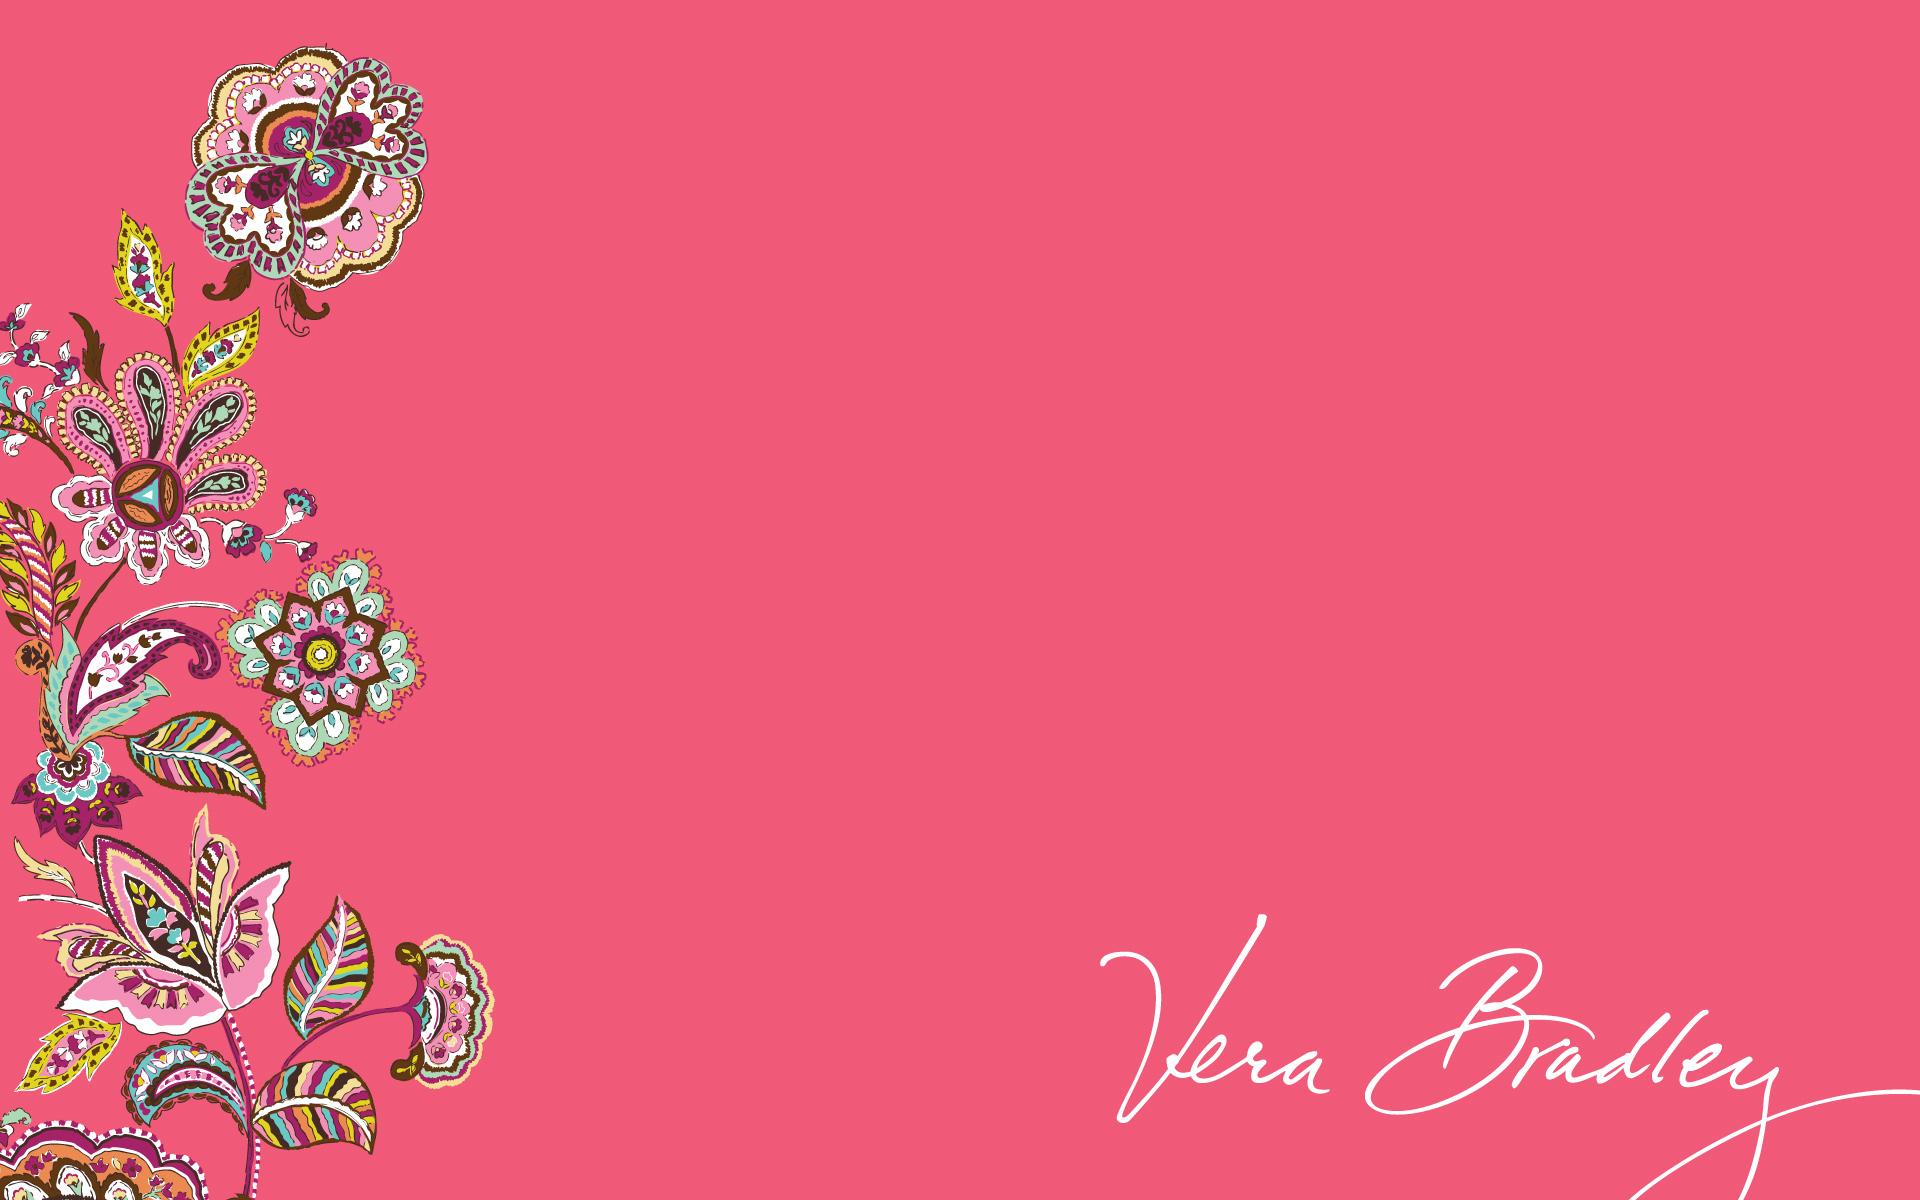 Vera Bradley Wallpaper Hd Wallpapersafari